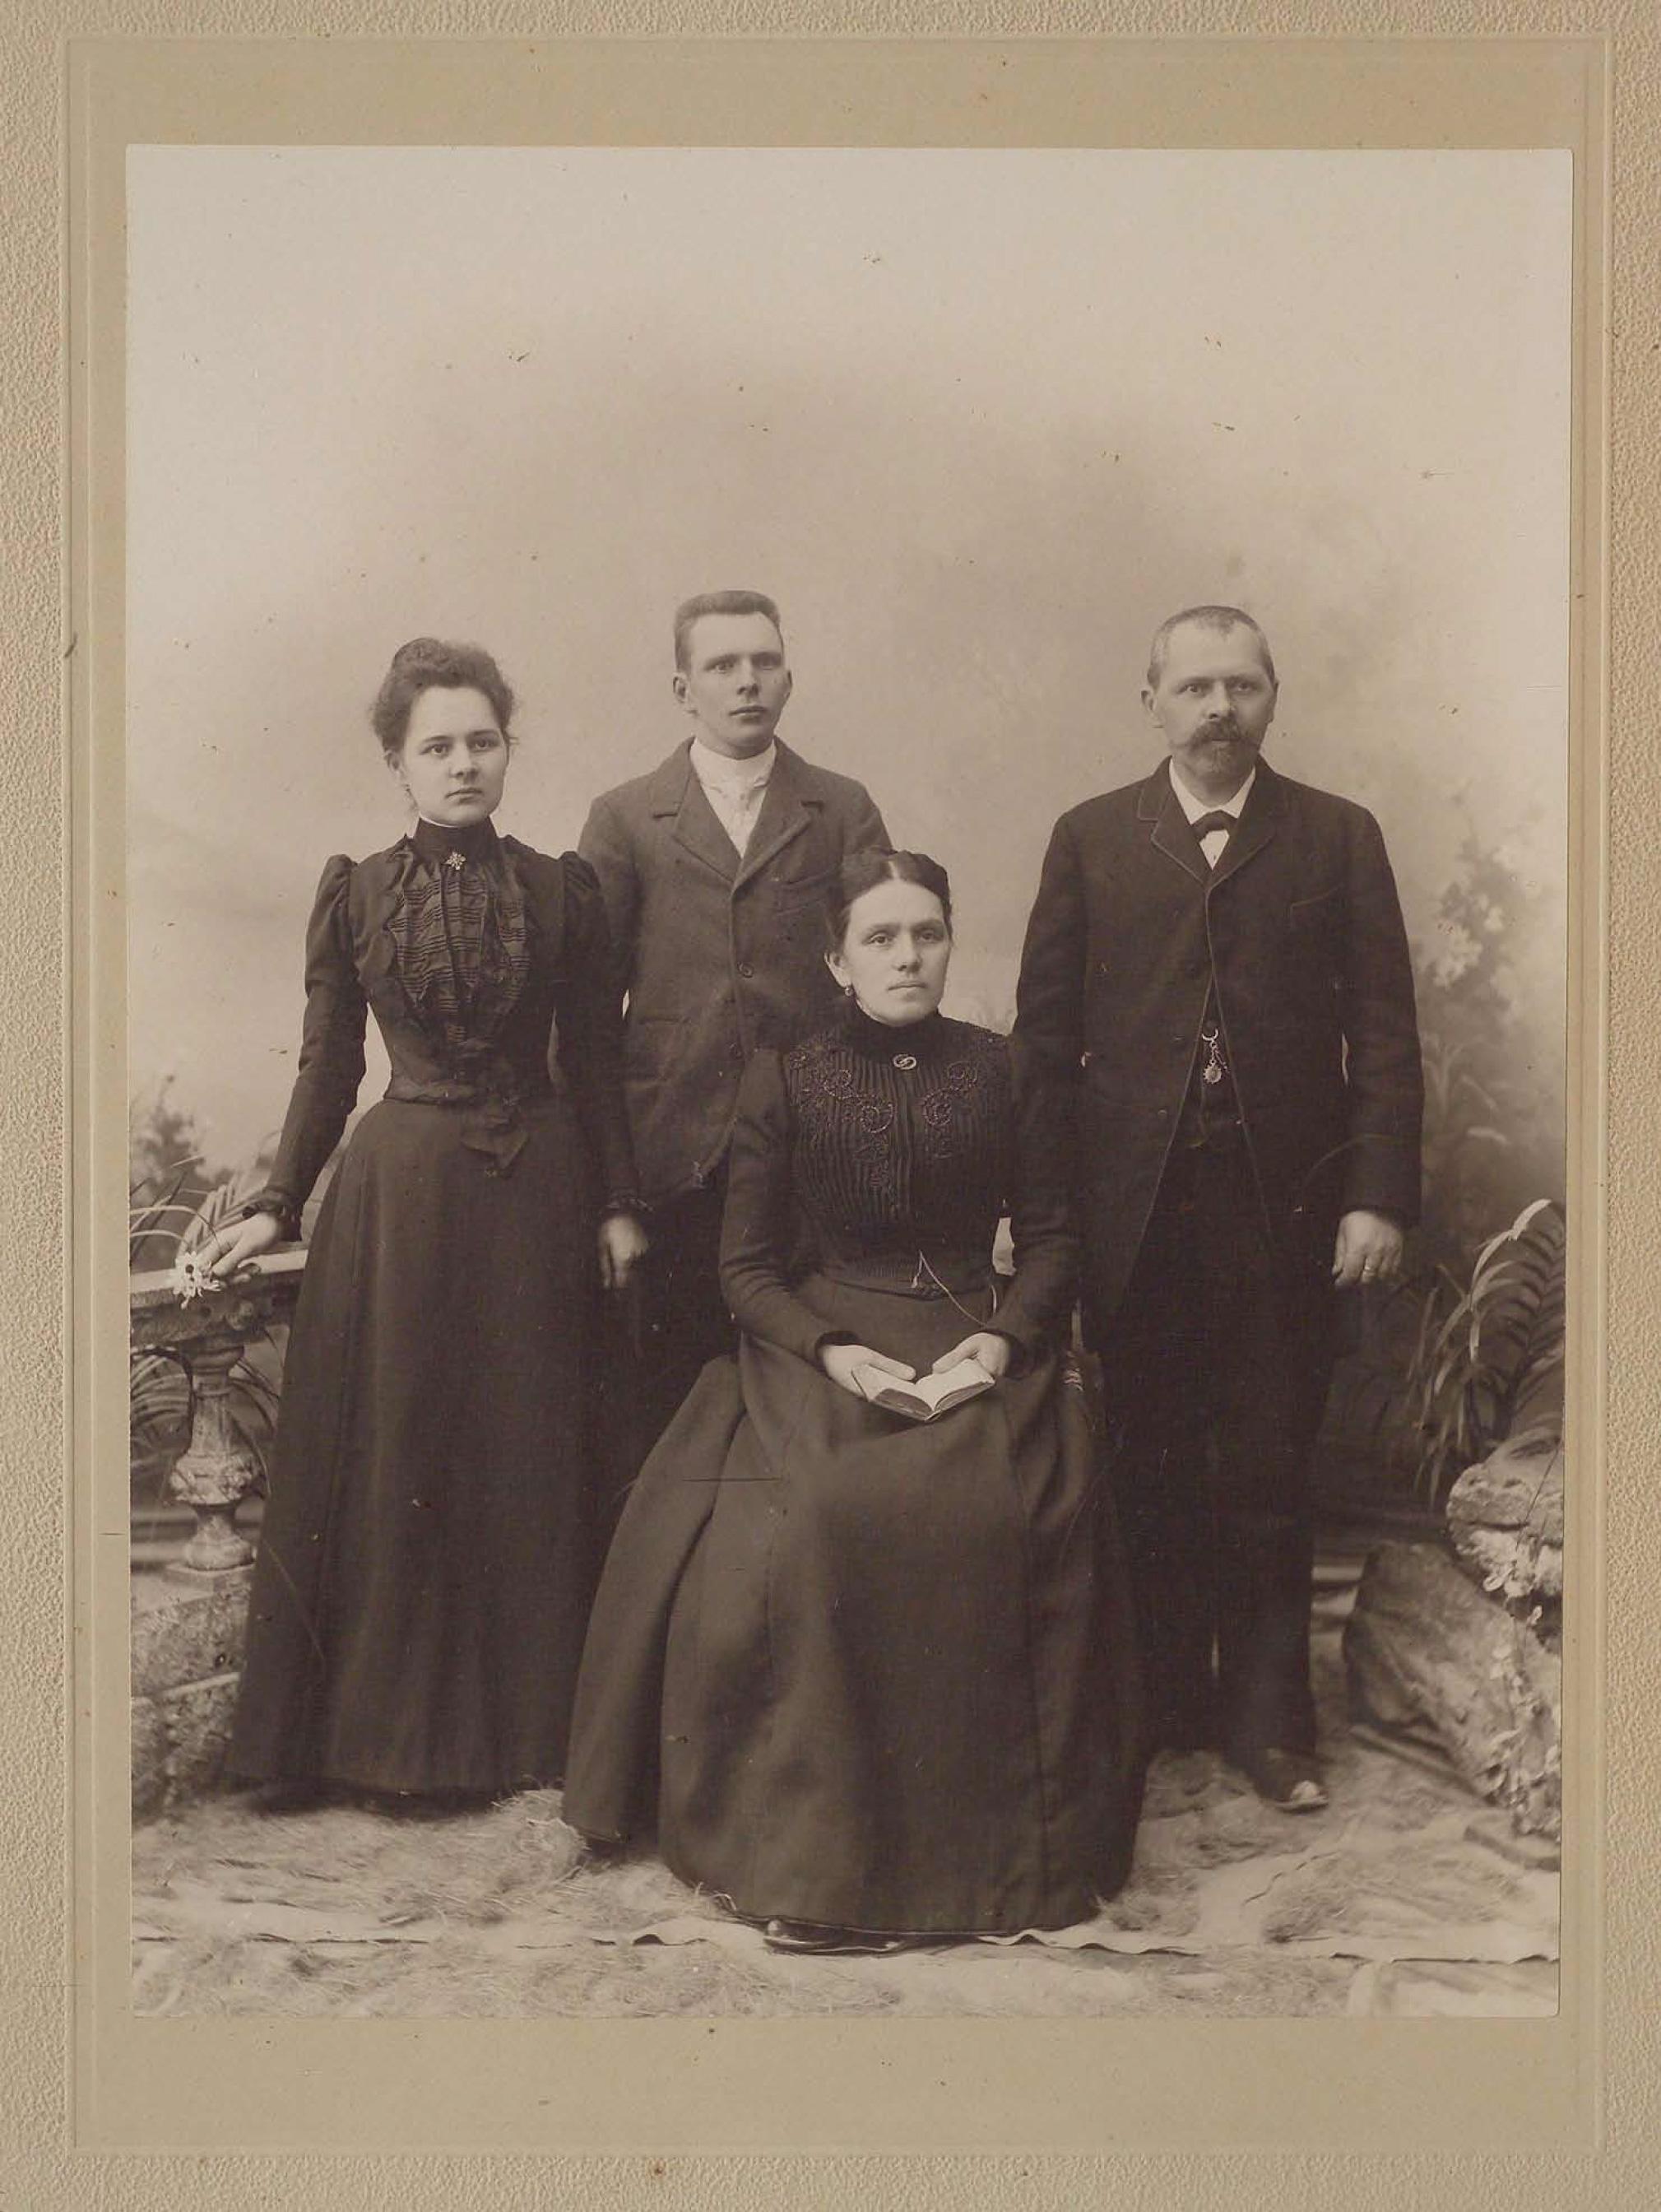 De gauche à droite: Berthe Duvoisin (fille de Paul), Henri (fils de Paul), Emma née Chodat (épouse de Paul) et Paul Duvoisn)